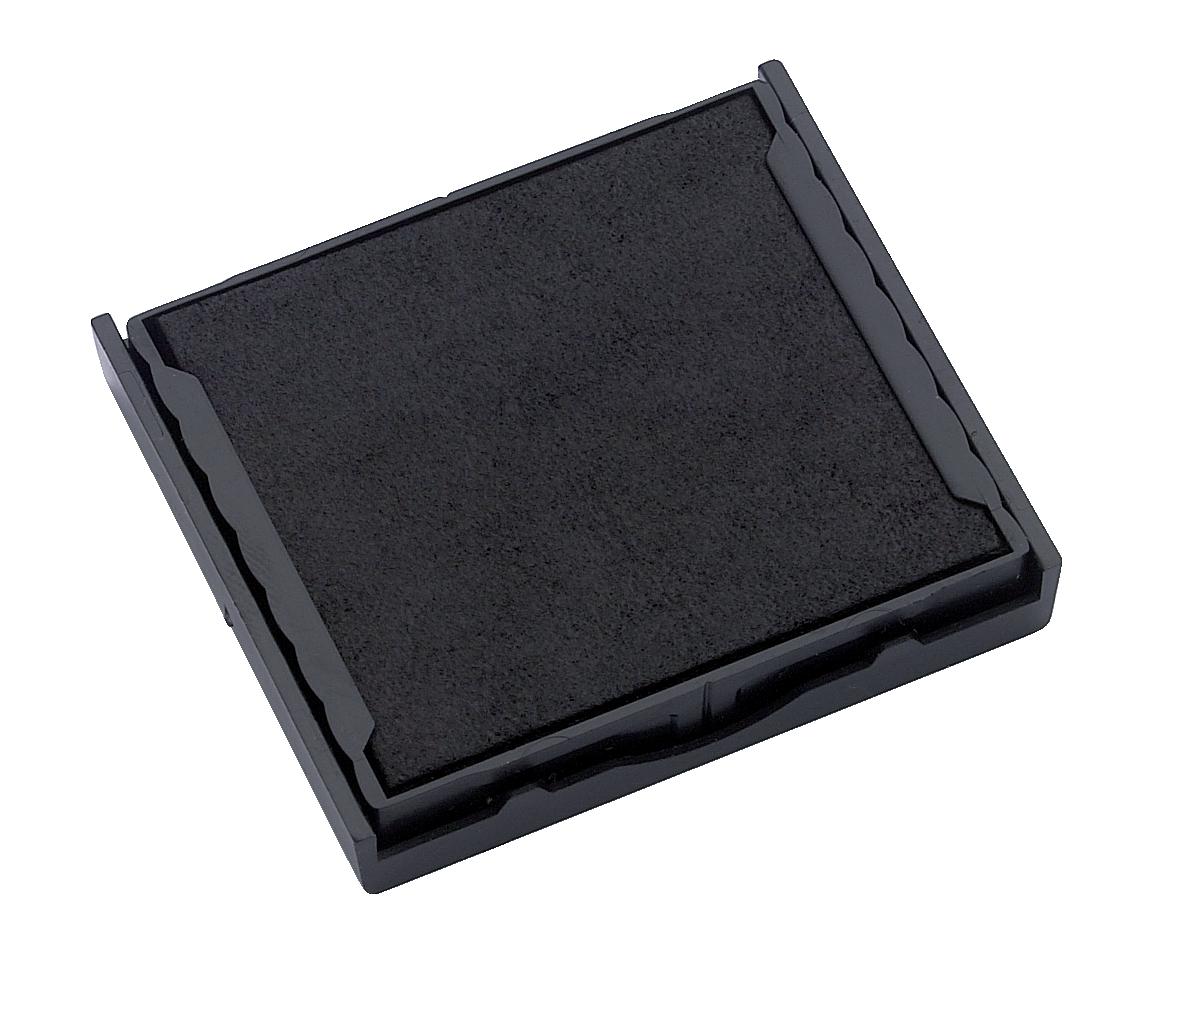 Image for Trodat VC/4927 Refill Ink Cartridge Pad for Custom Stamp Black Ref T/64927-BK-2PK [Pack 2]